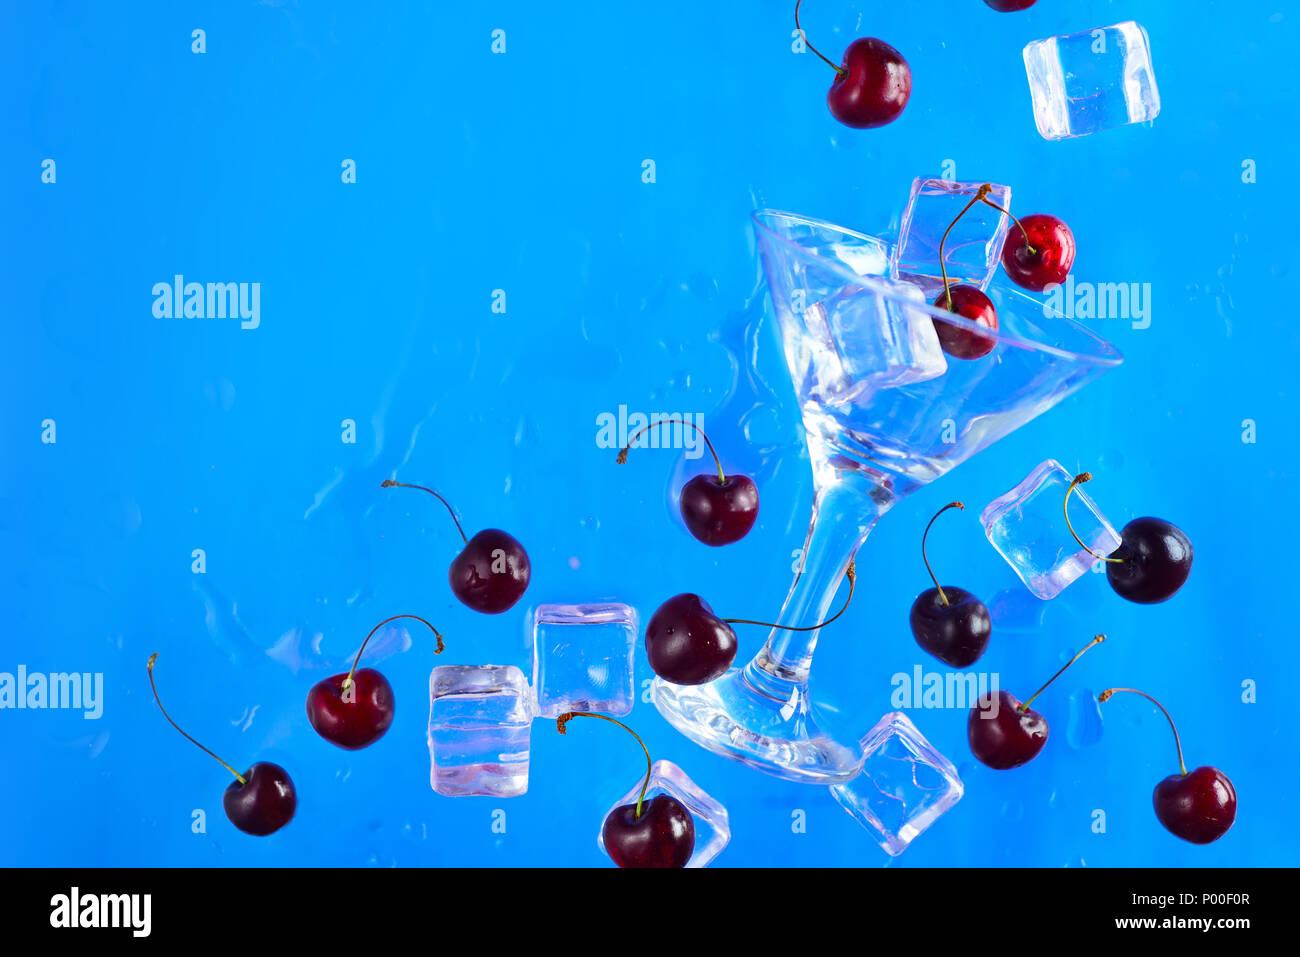 Coppetta Martini con cubetti di ghiaccio e le ciliegie su un brillante sfondo blu con copia spazio. Rinfrescanti drink freddo concetto laici piana. Immagini Stock